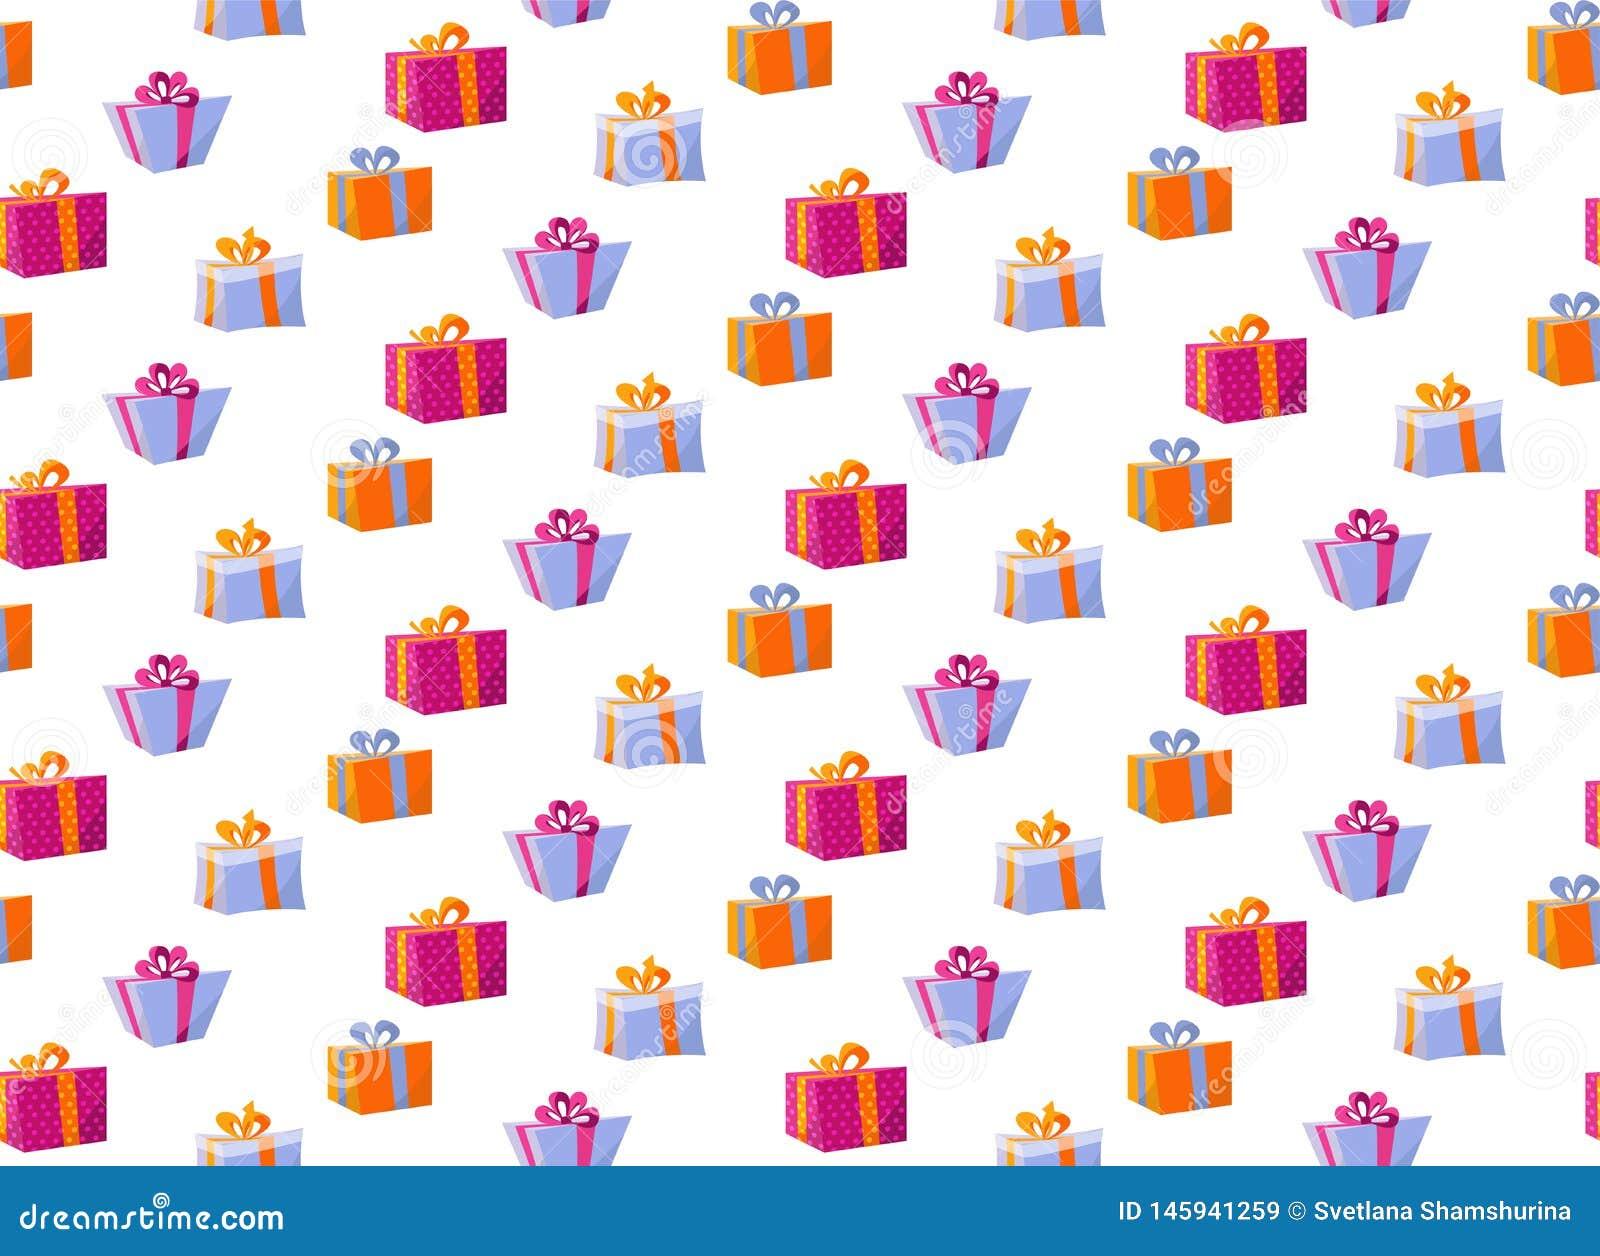 Άνευ ραφής σχέδιο με τα κιβώτια δώρων Κιβώτιο δώρων σχεδίων για την τυπωμένη ύλη υφάσματος, μεγάλο σύνολο εγγράφου κιβωτίων δώρων